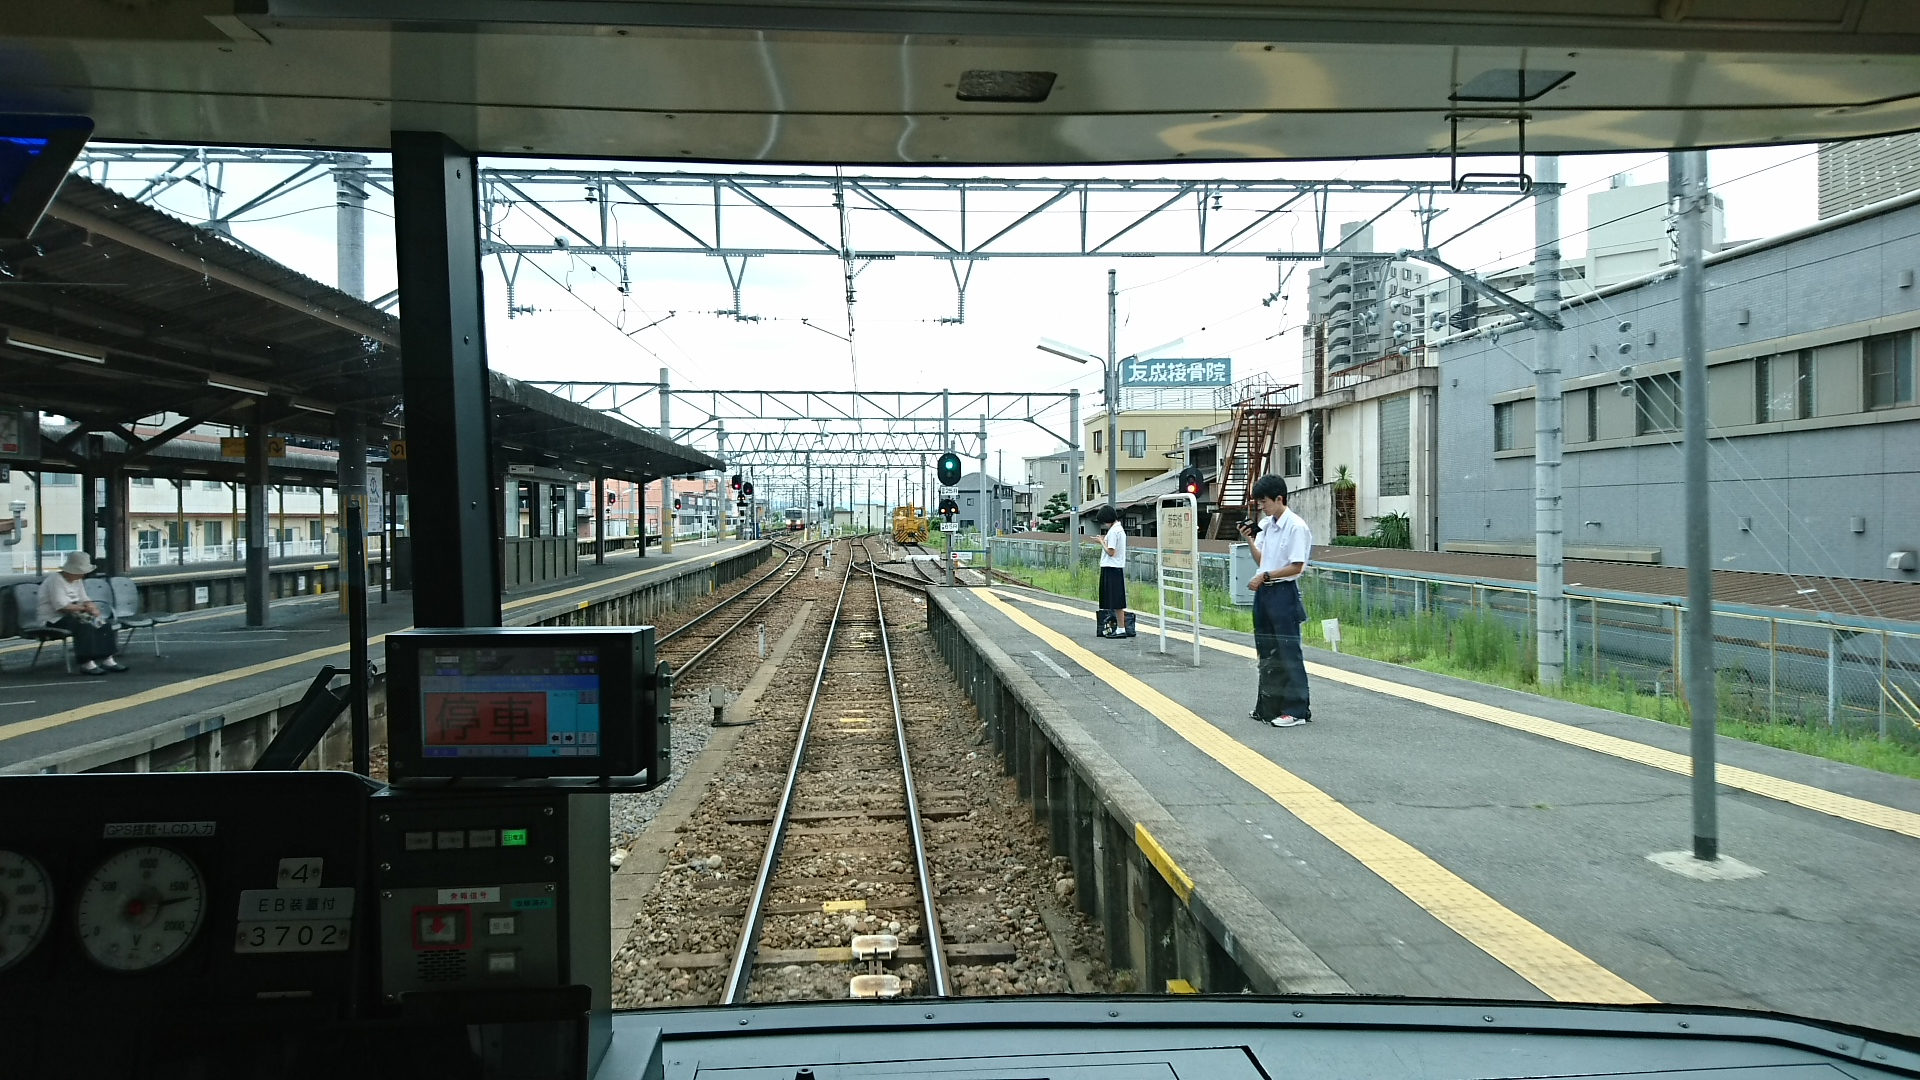 2017.7.27 刈谷 (21) 吉良吉田いき急行 - しんあんじょうで転線 05 1920-1080